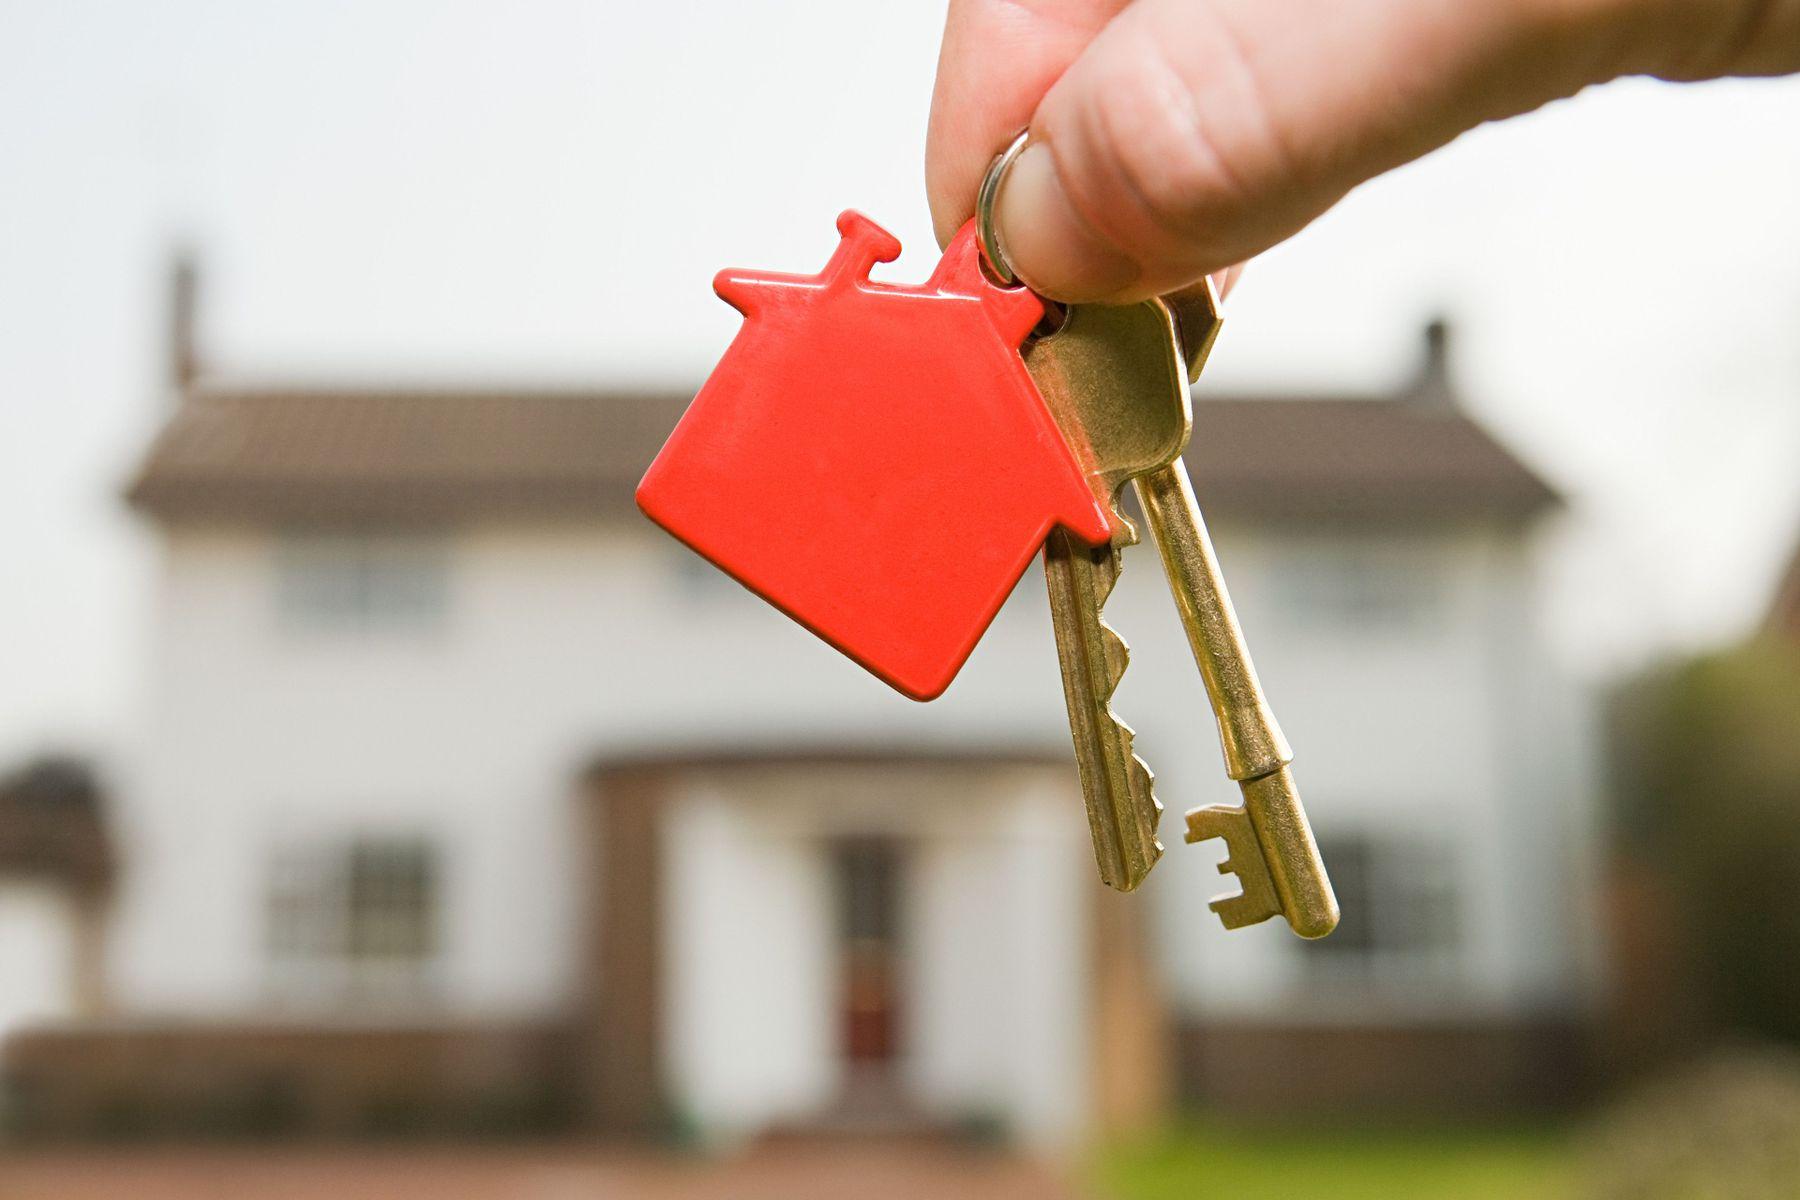 Реестр завещаний: как найти наследственную недвижимость?